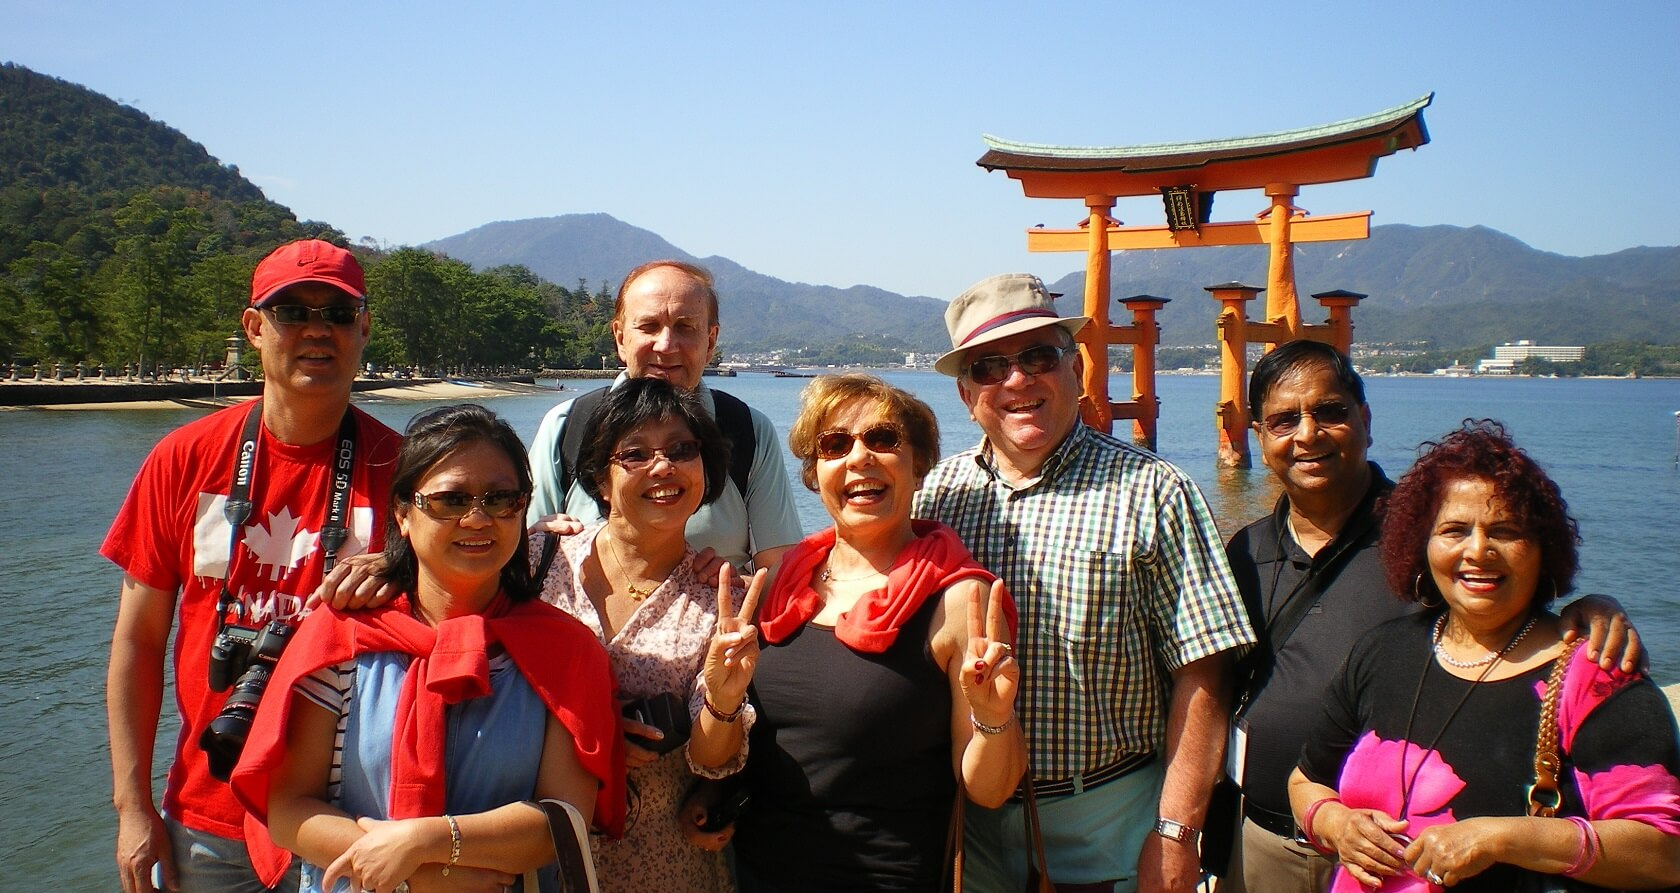 Itsukushima Shrine with Family